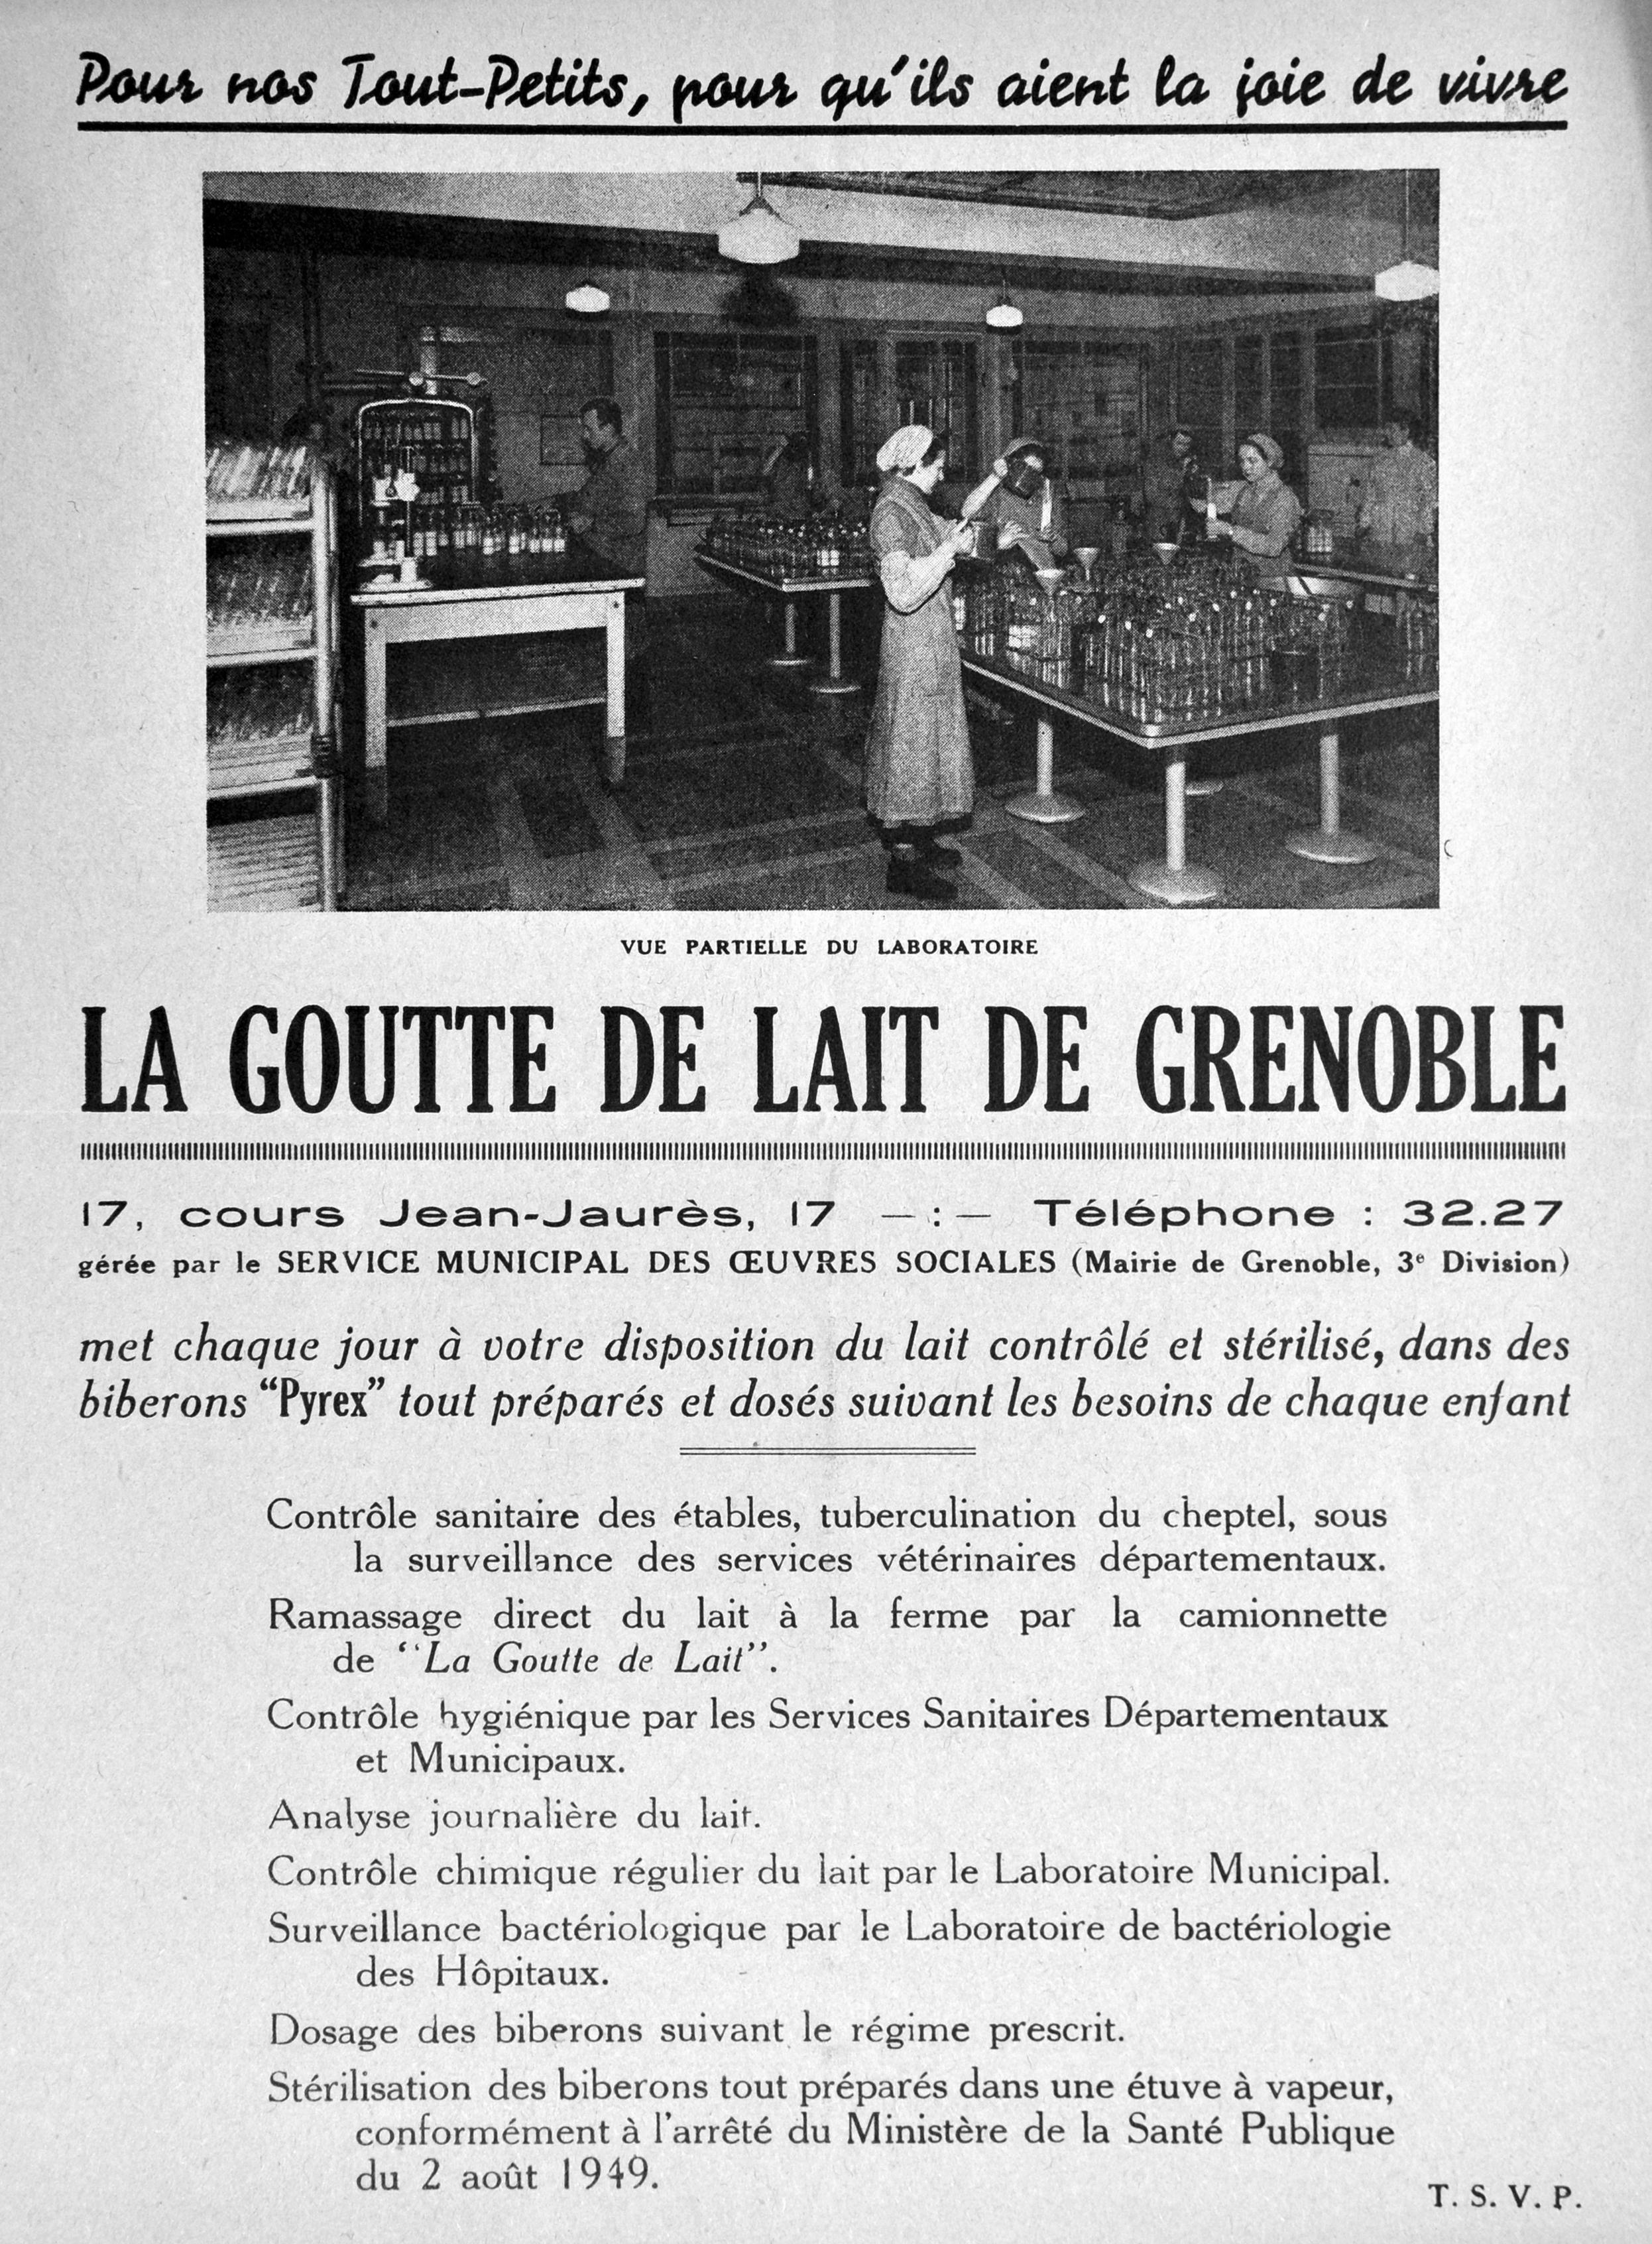 Prospectus de la Goutte de lait, v. 1950